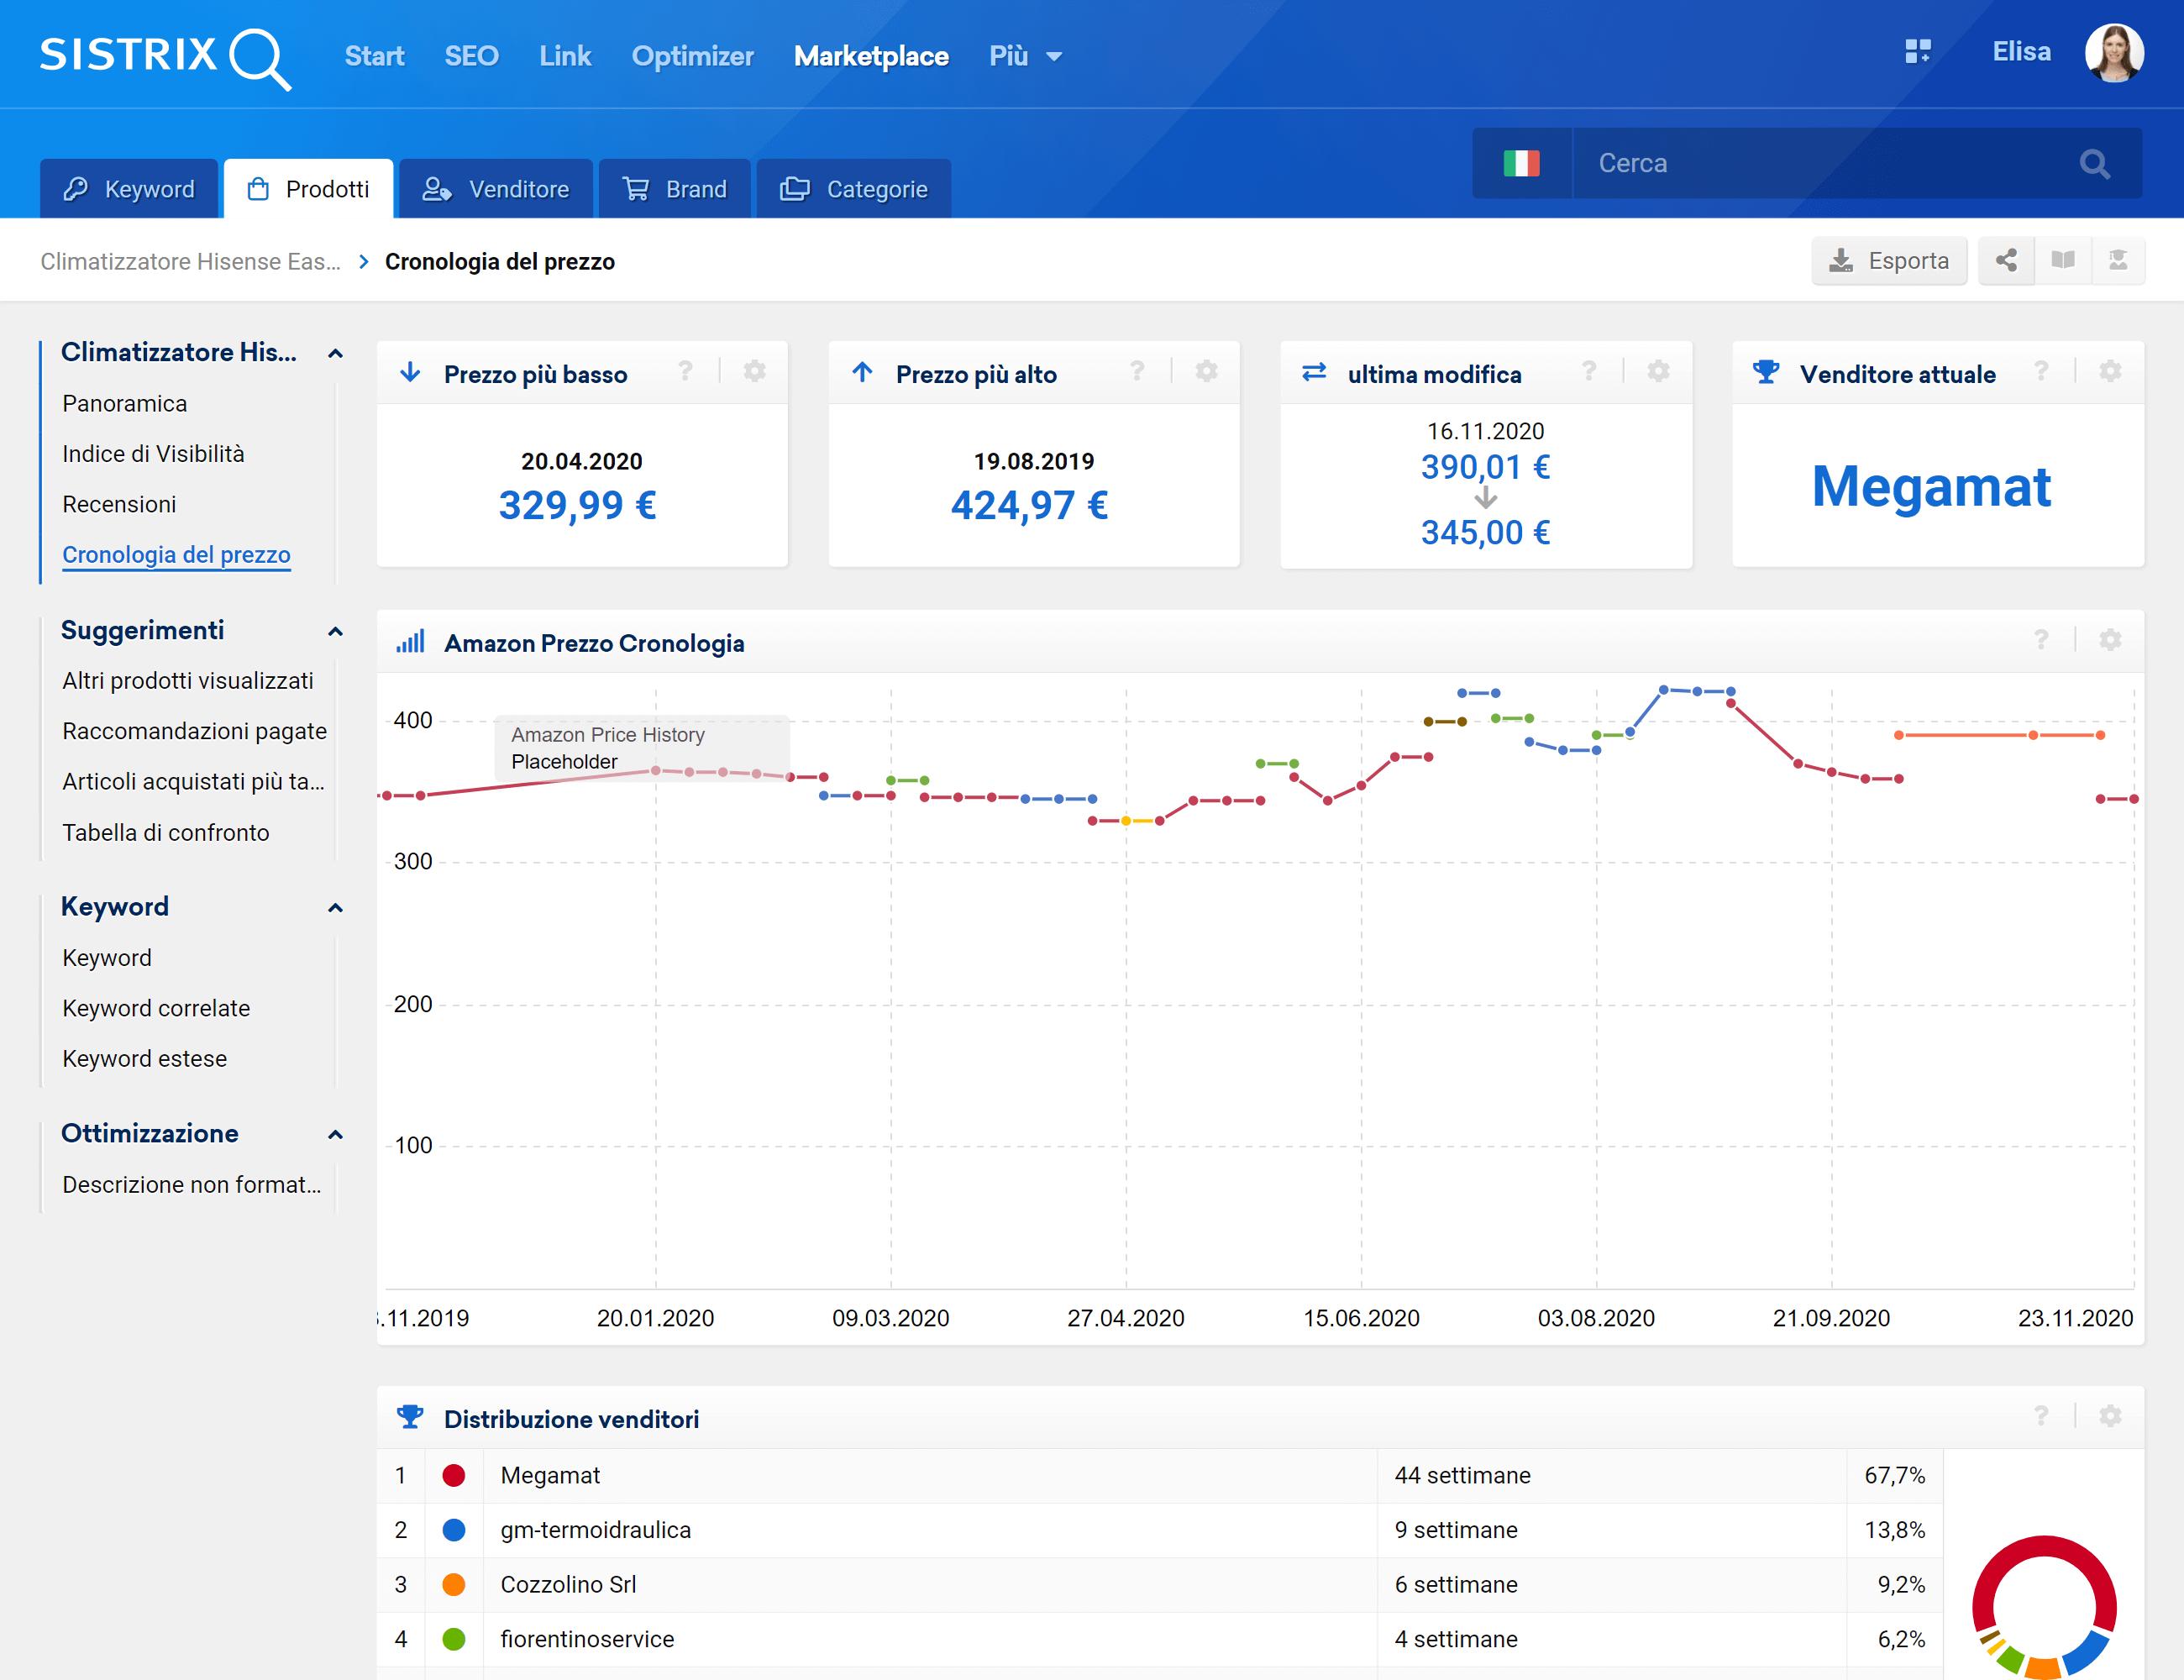 Dati storici per il prezzo su Amazon